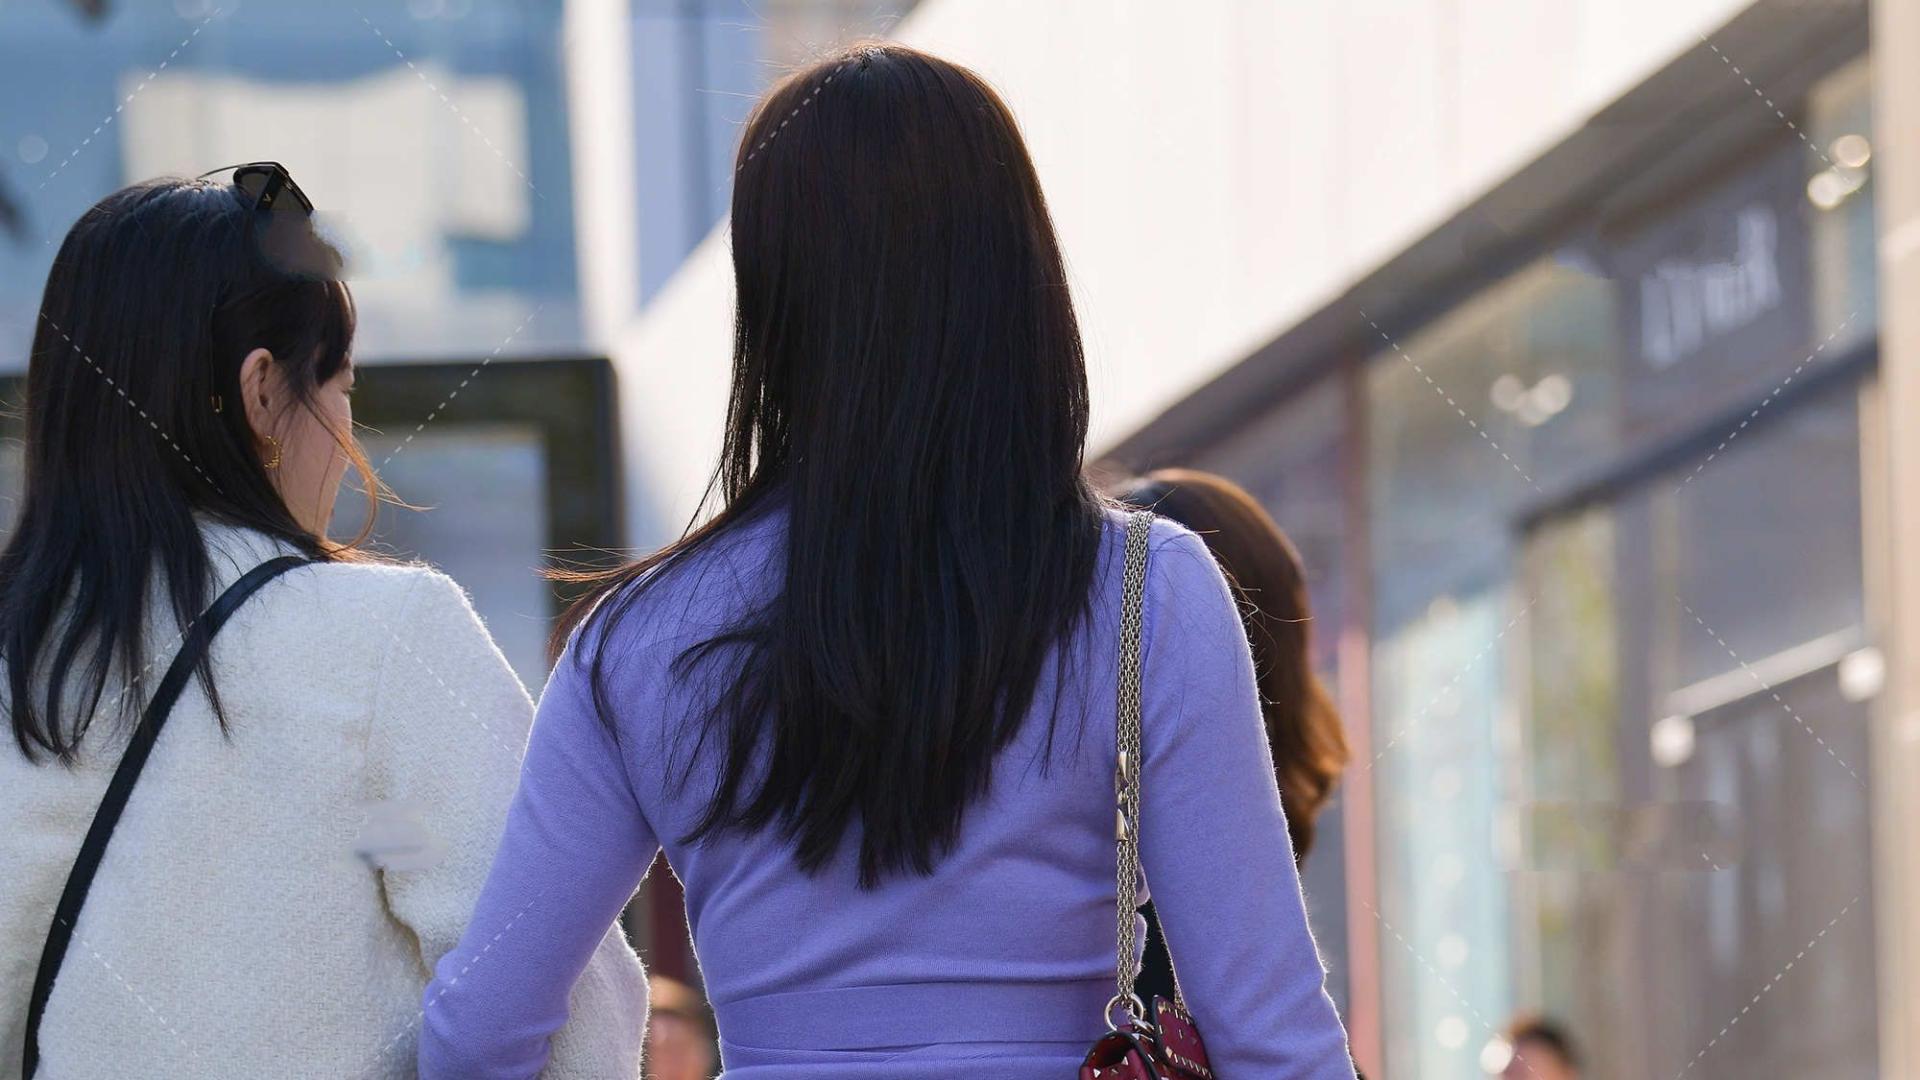 韩版风格穿搭,甜美可爱,散发出清新美丽气息